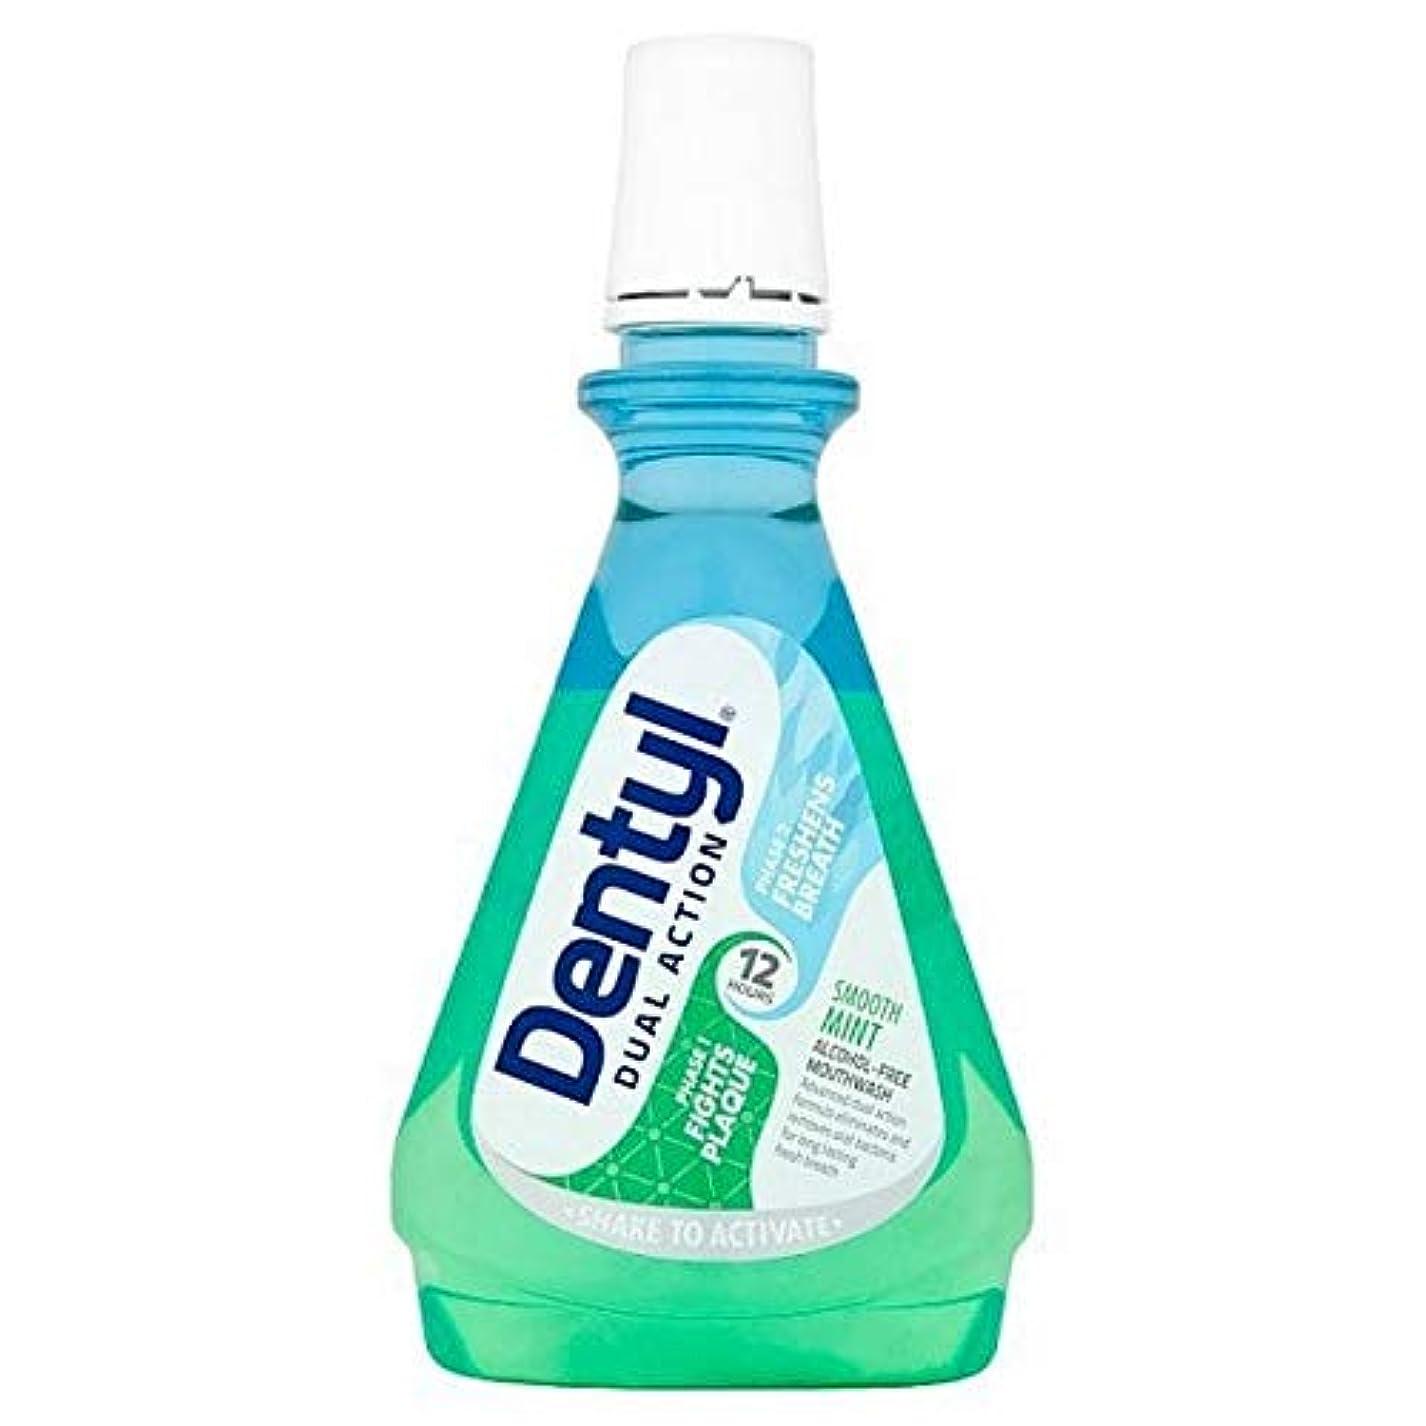 不従順差別化するもちろん[Dentyl] DentylのPhはミントアルコールフリーのミントマウスウォッシュ500ミリリットル - Dentyl PH Mint Alcohol Free Mint Mouthwash 500ml [並行輸入品]